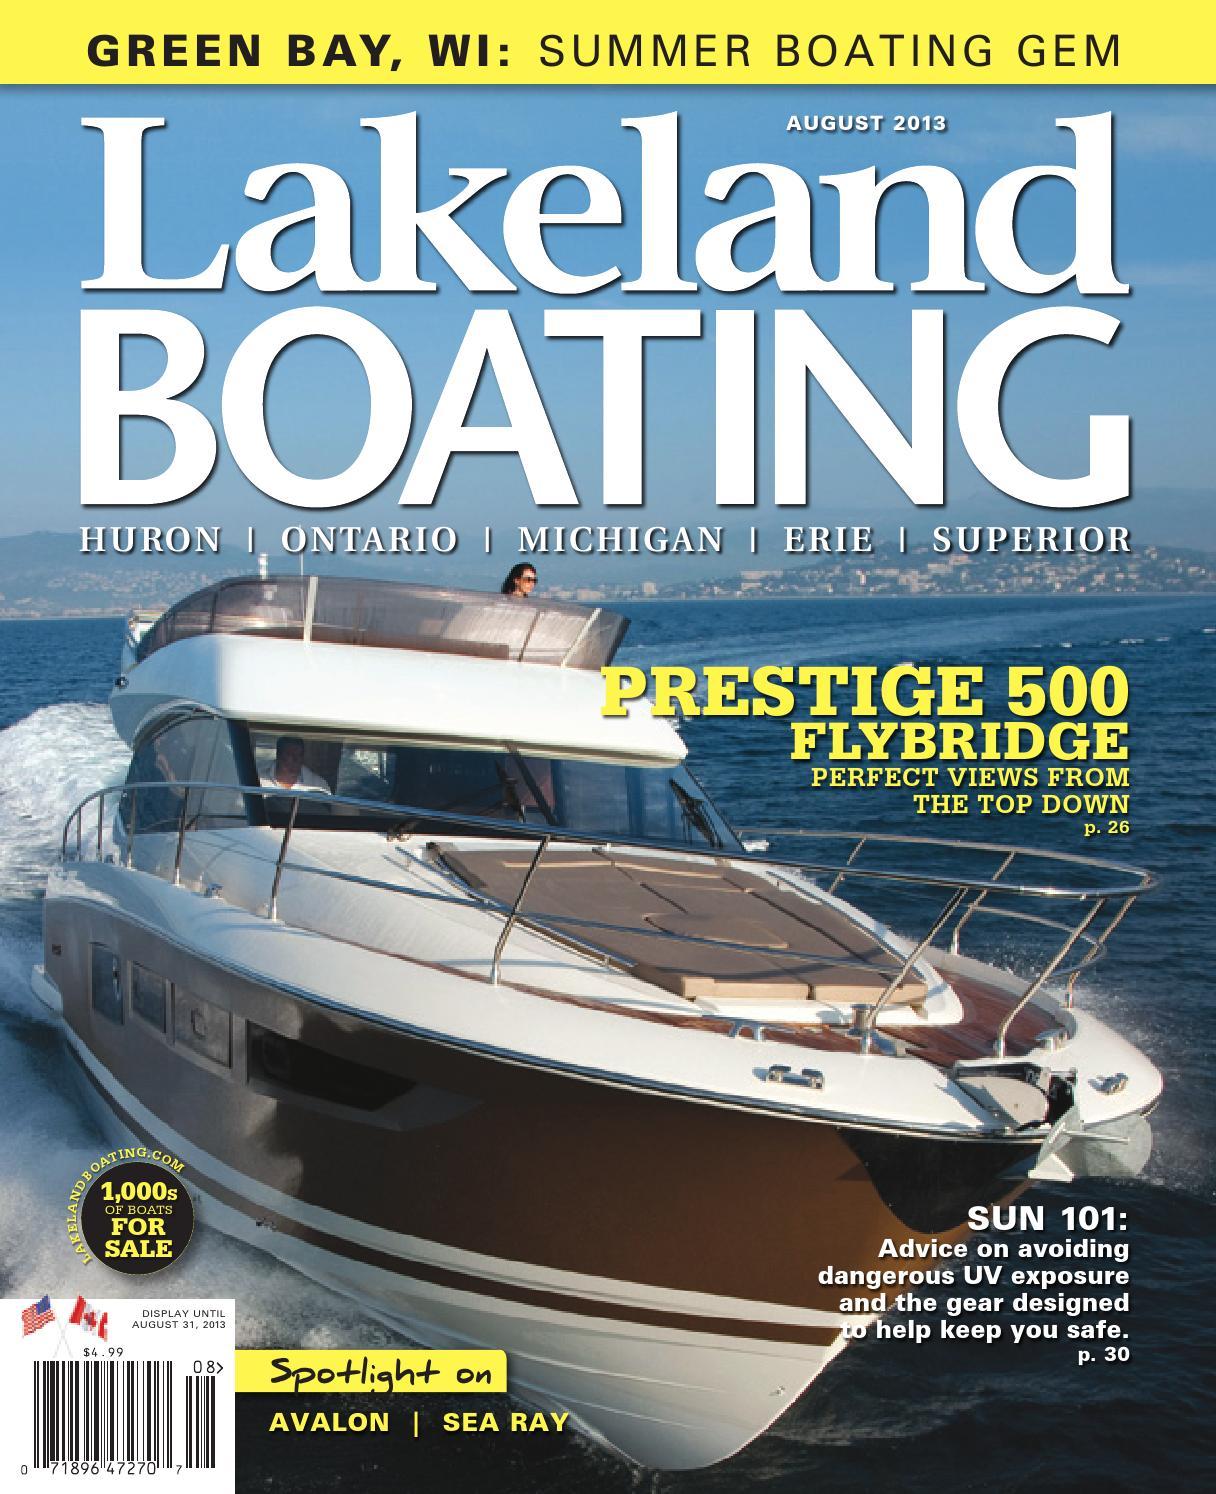 Lakeland Boating August 2013 by Lakeland Boating Magazine - issuu